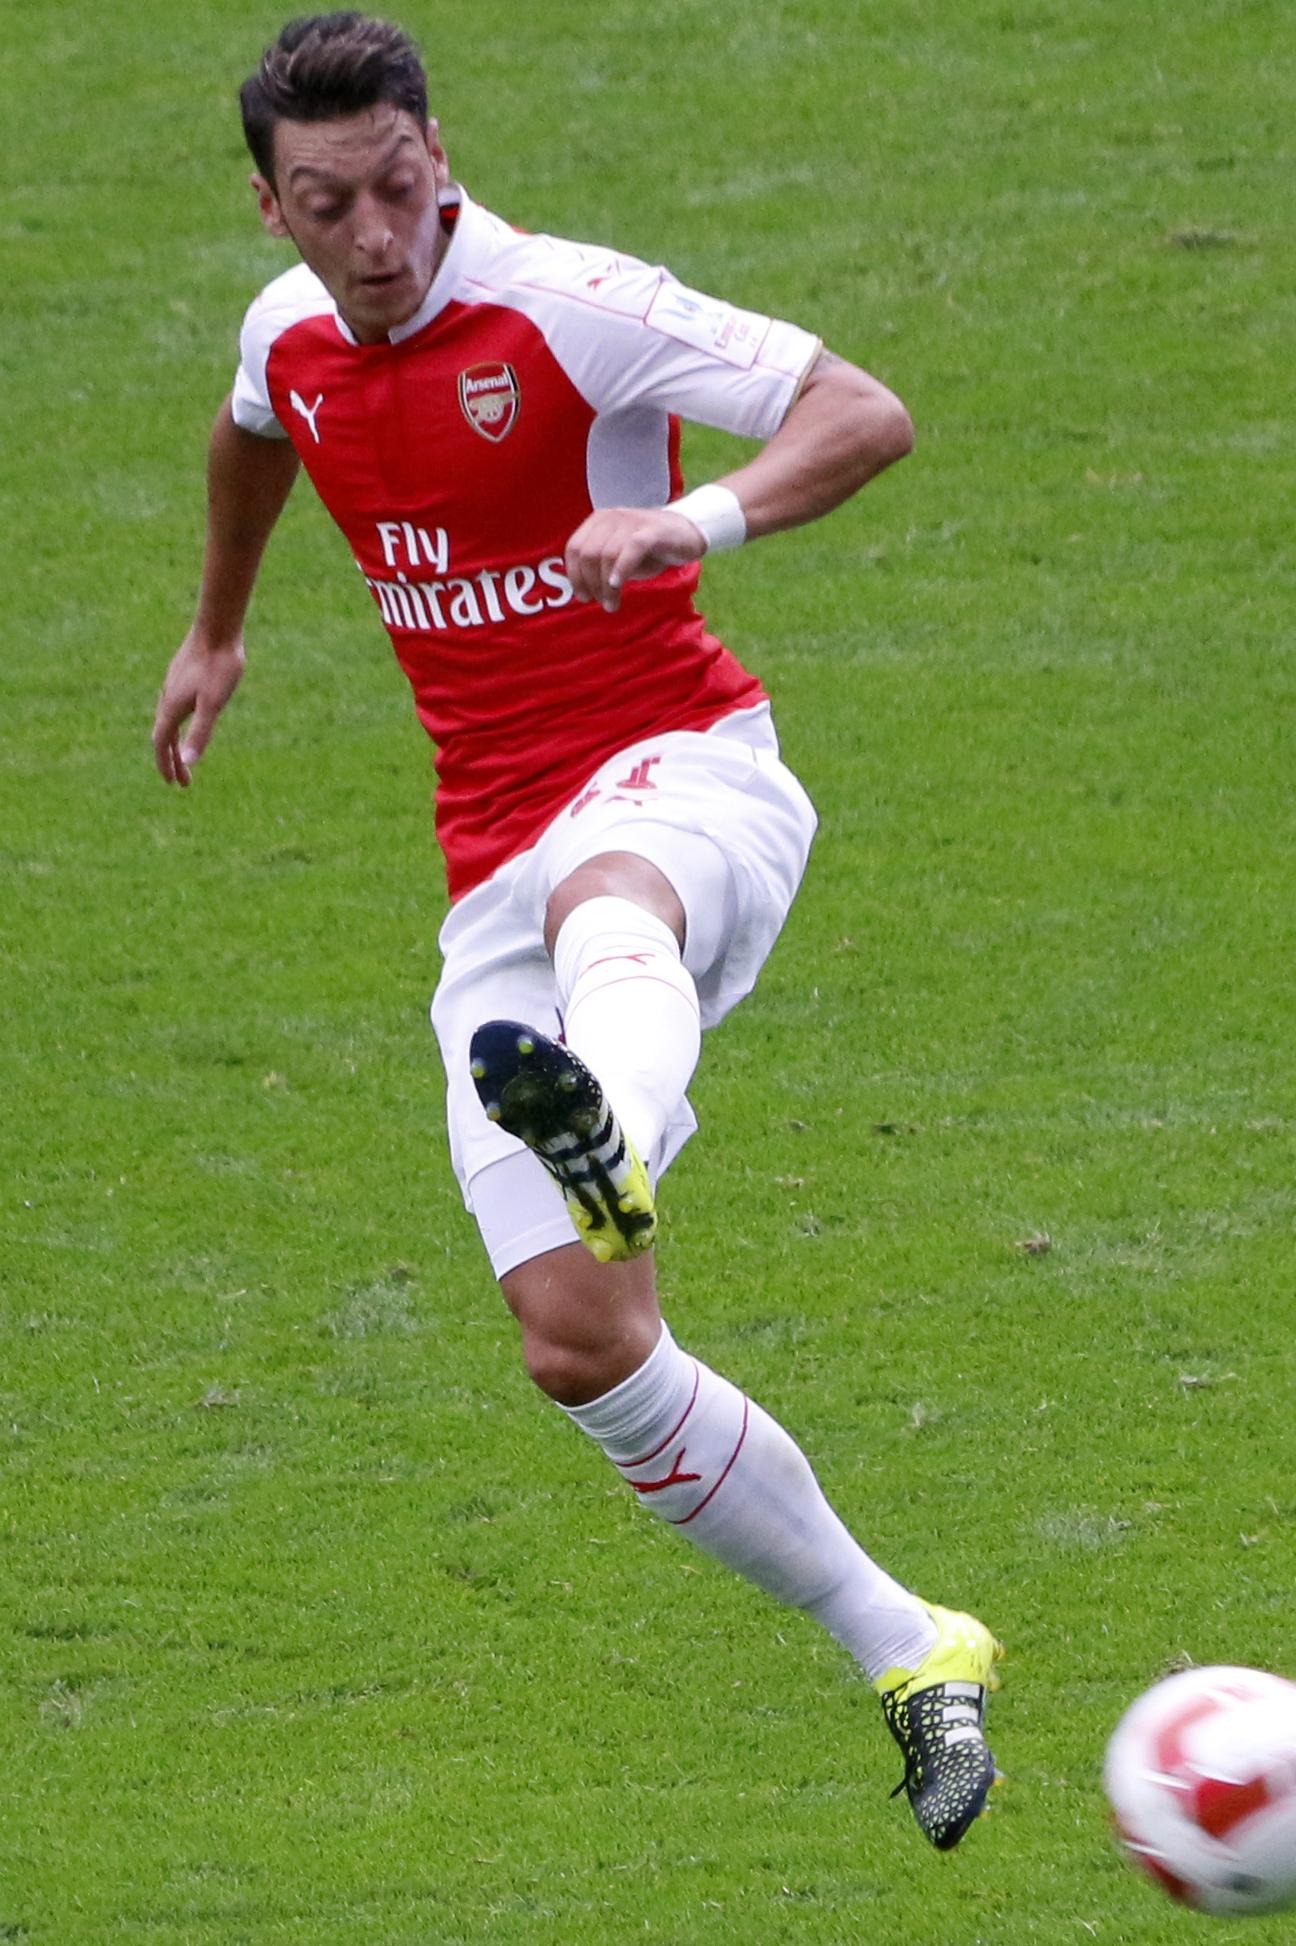 Mesut Özil potwierdził swoją wielką  klasę. Grał na wysokich obrotach  przez cały rok, co w poprzednich  latach nie było regułą.  źródło: wikipedia.org,  autor: Anish Morarji